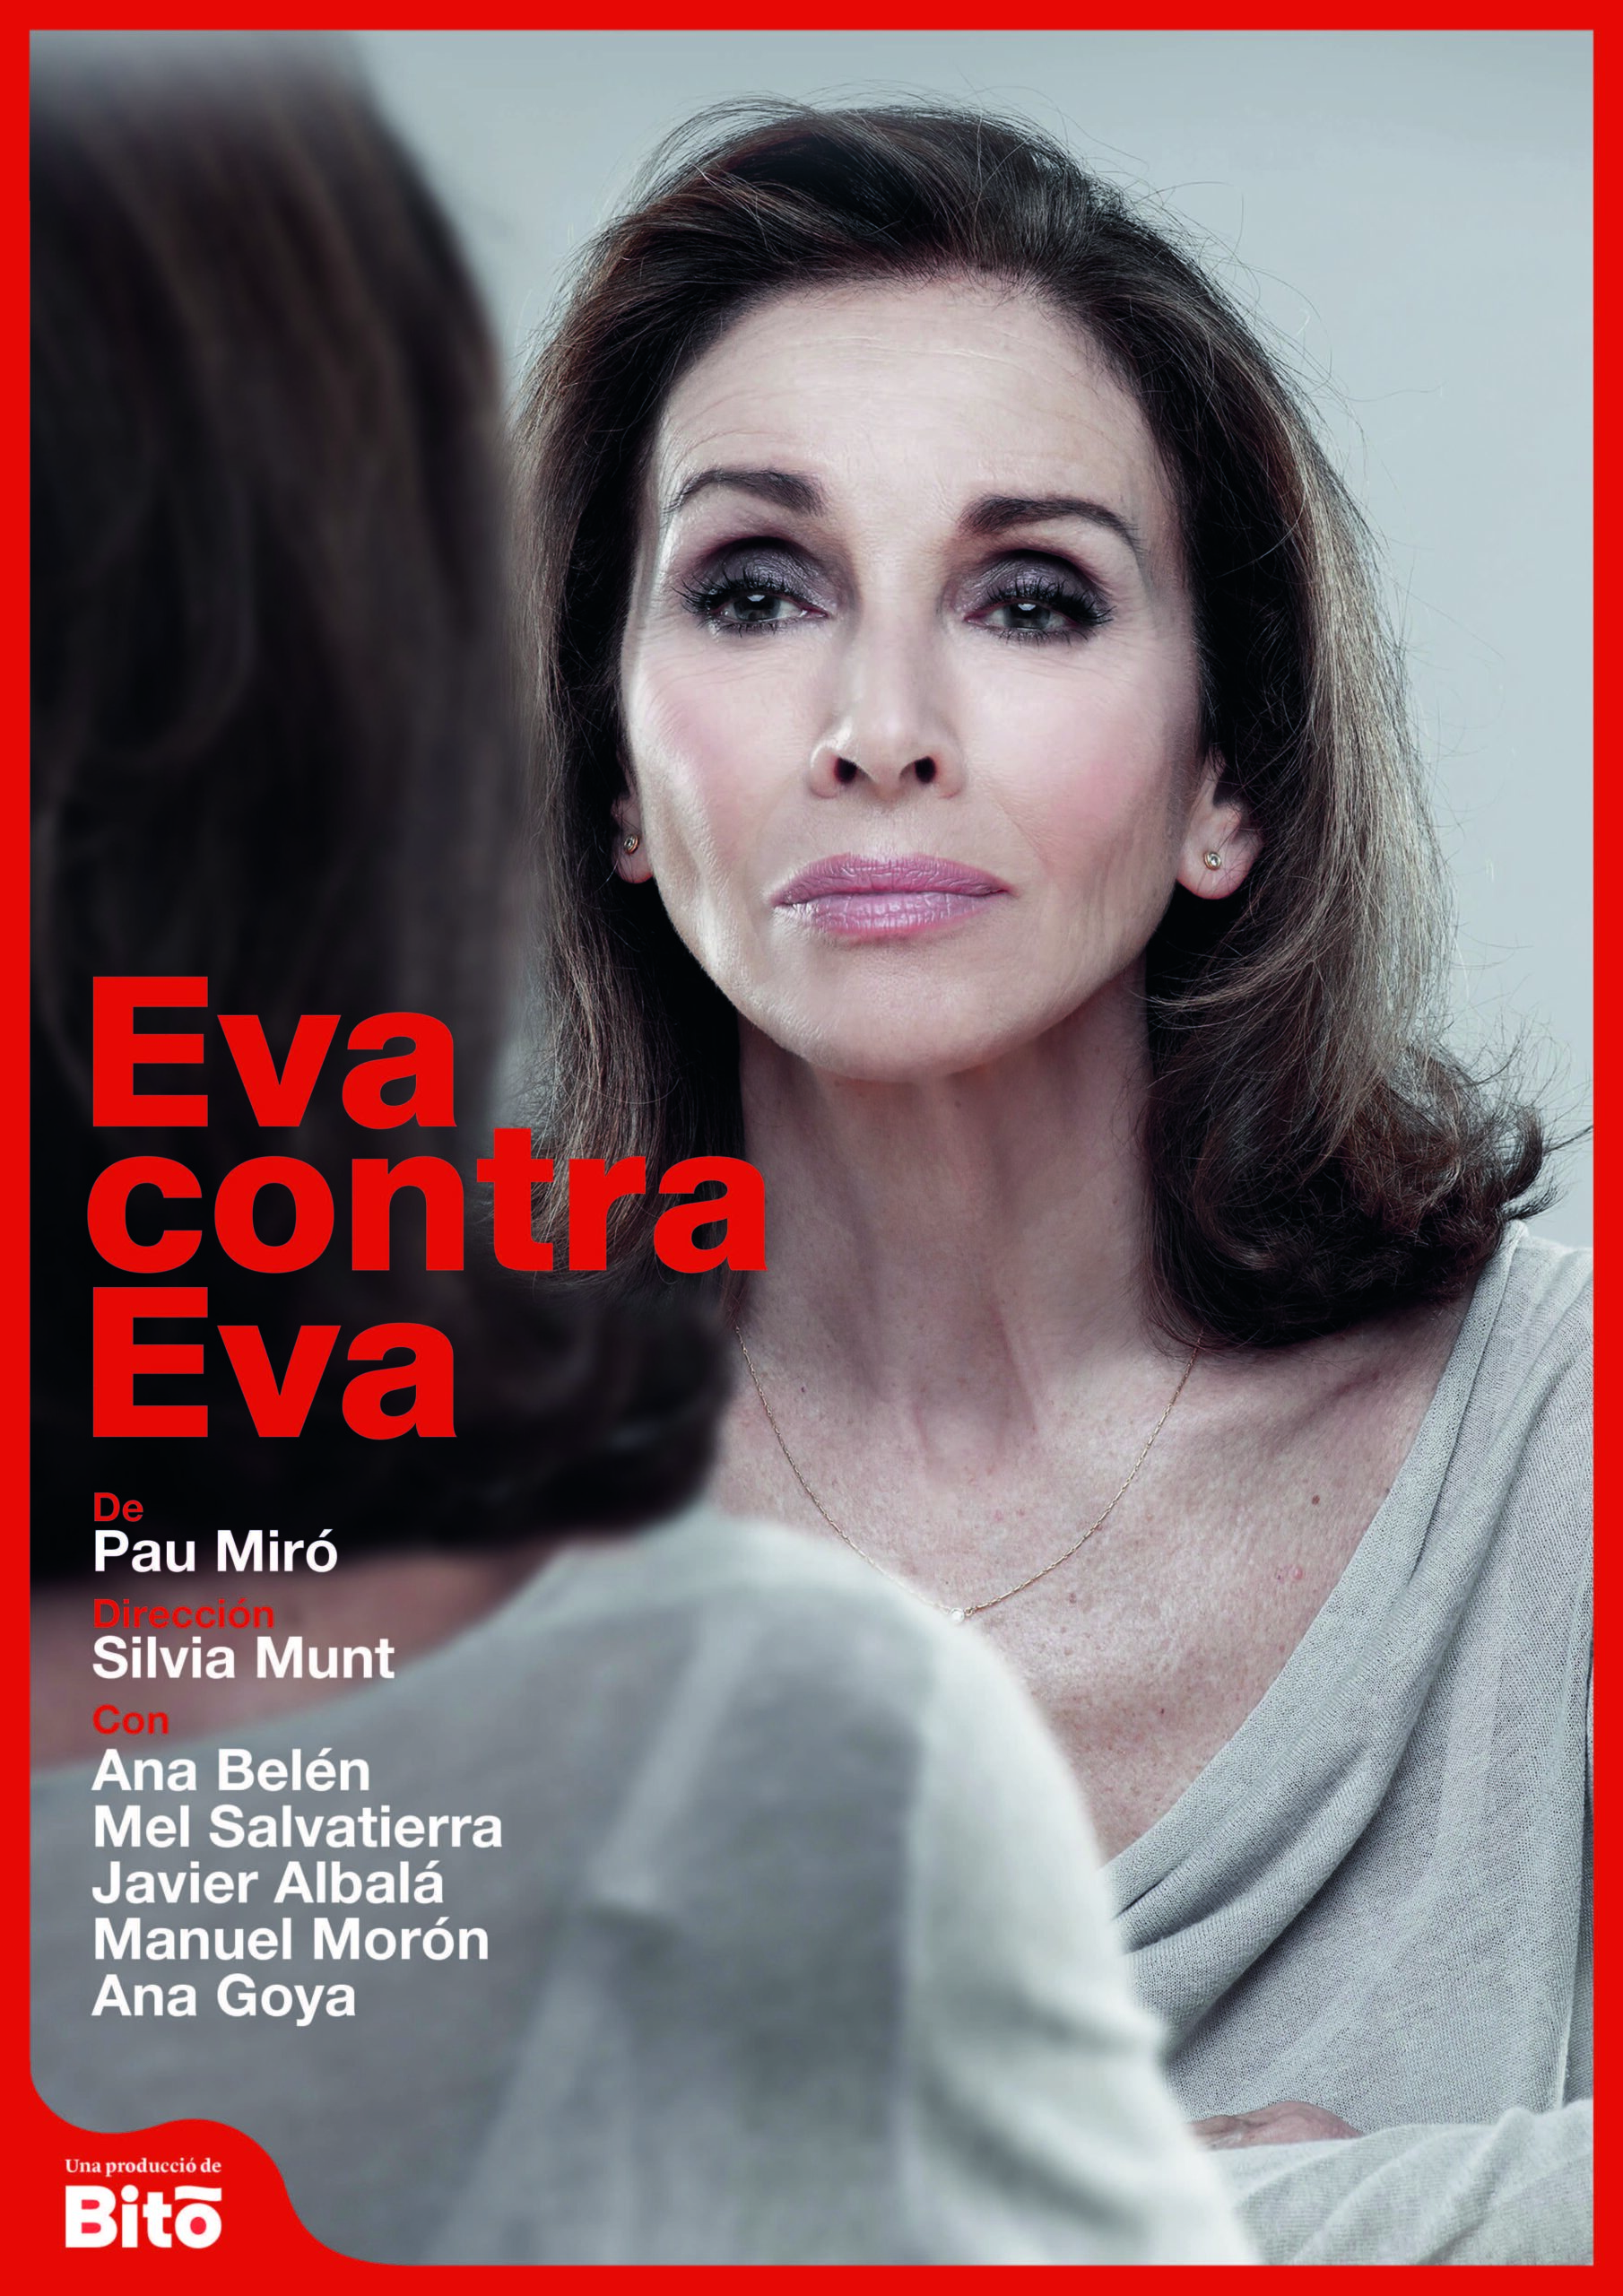 Eva contra eva espectaculo Murcia